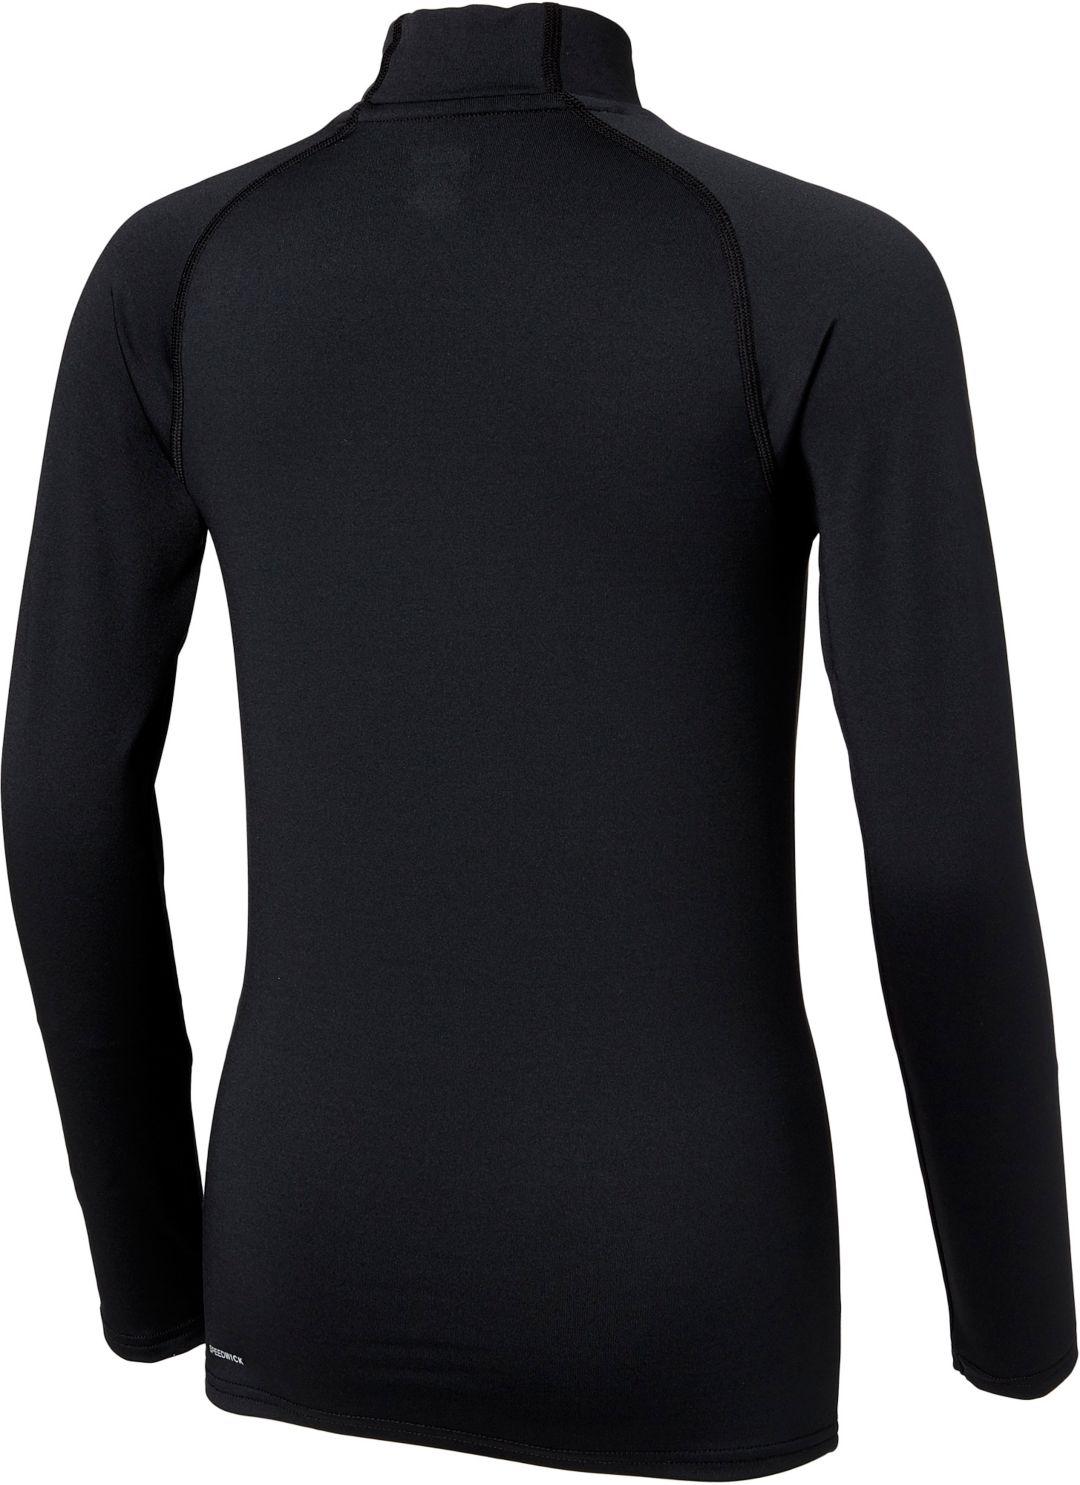 068d8b21d8 Reebok Boys' Cold Weather Compression Mockneck Long Sleeve Shirt